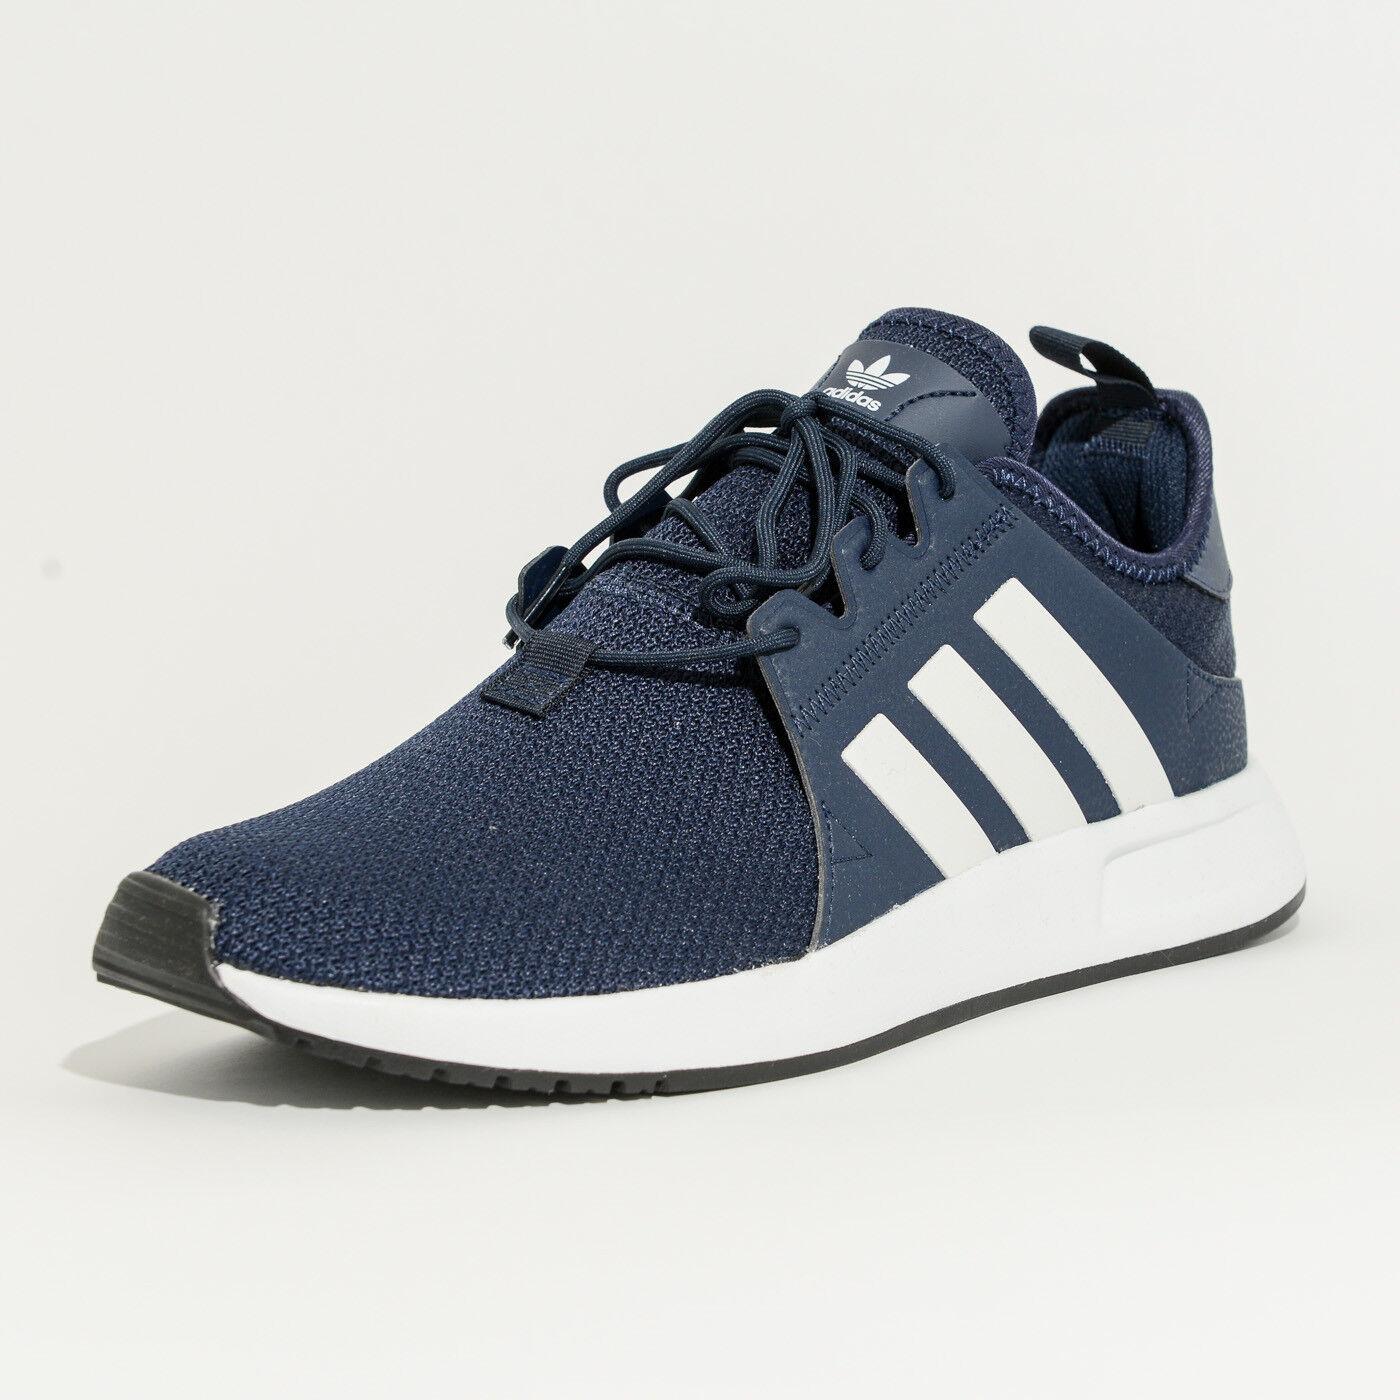 Adidas Originals X PLR scarpe da ginnastica navy white